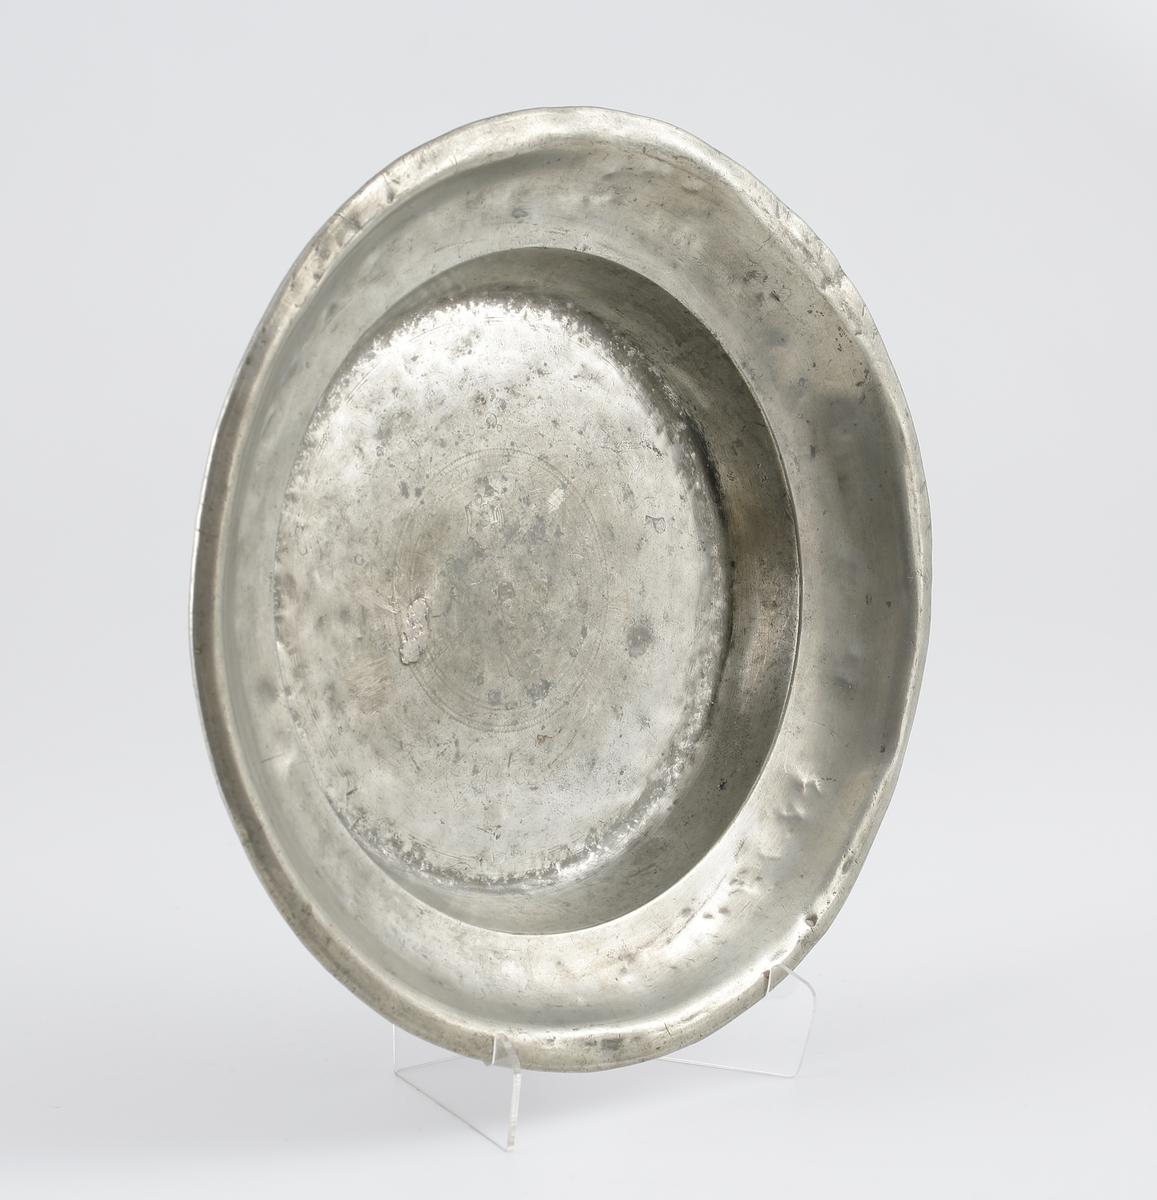 """Fat av tenn.  Djupt fat med uppsvängd bräm. Dekorerat i spegeln med fyra ringar och streck. Ägarinitialer på kanten: """"IPD"""".  Stämplar inslagna i spegeln, men nästan helt bortnötta."""